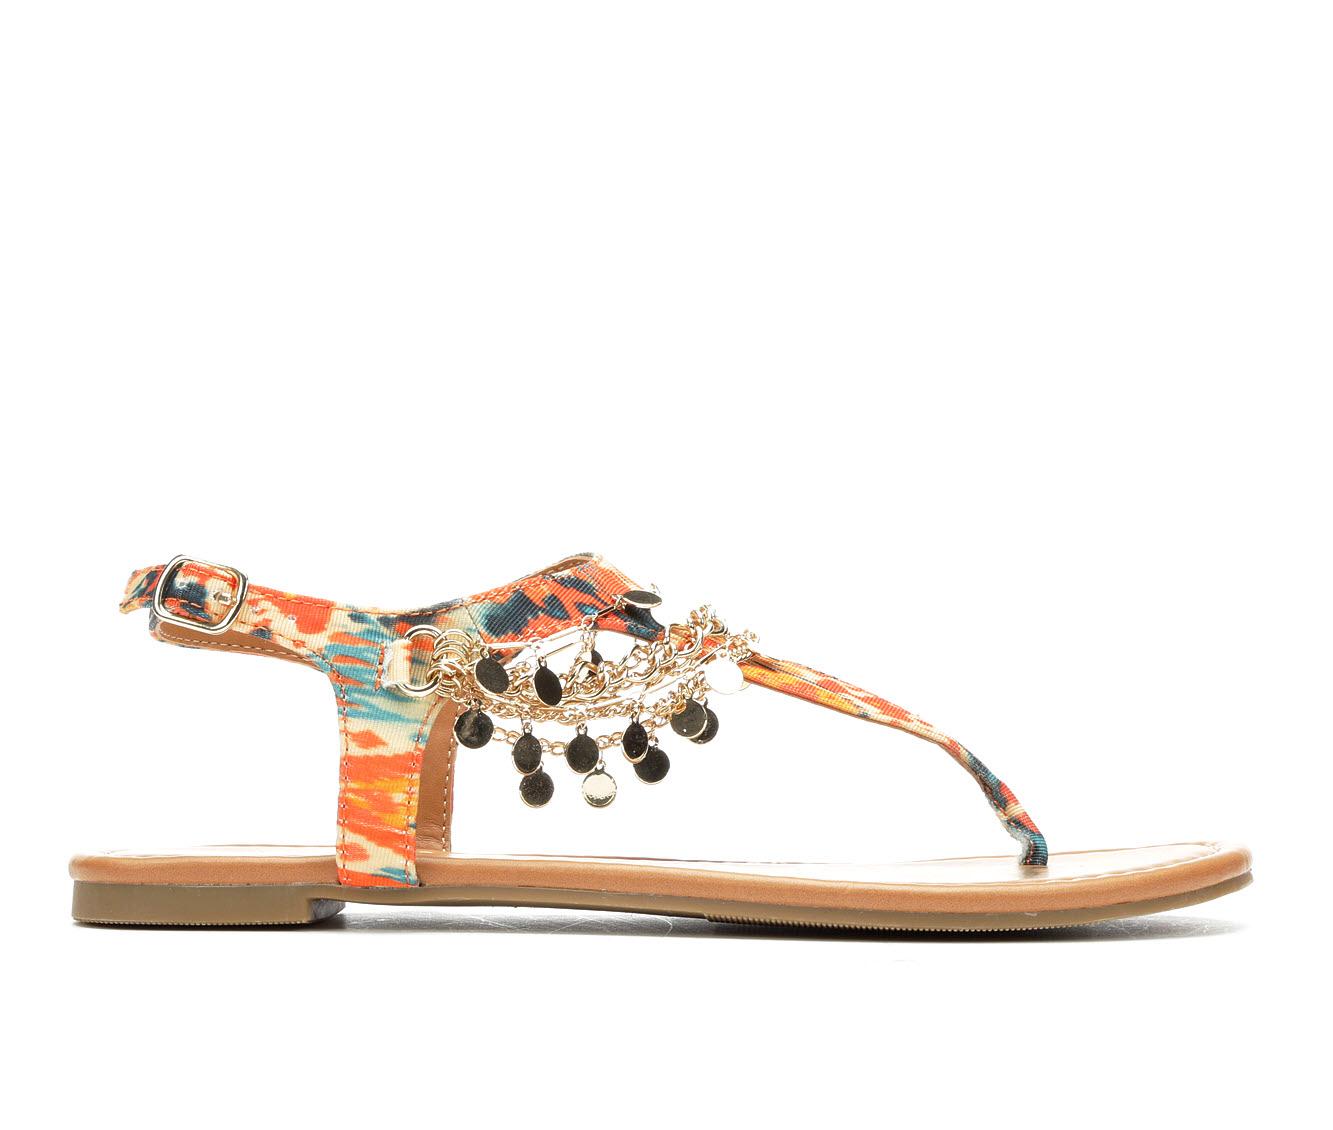 Y-Not Above Women's Sandal (Orange Canvas)